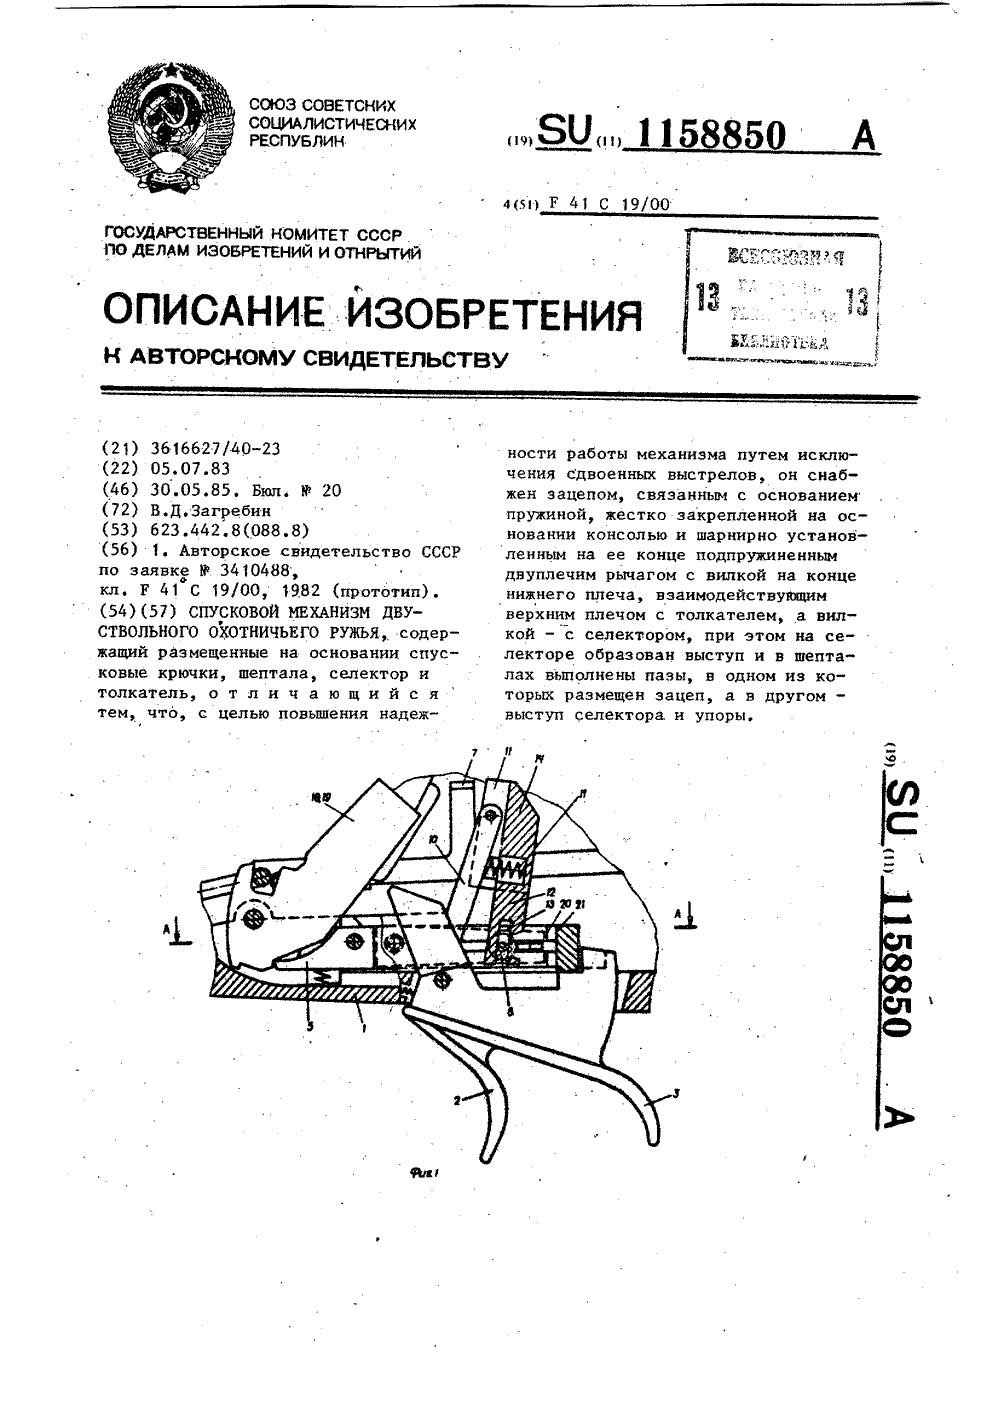 технологическая схема усм-1